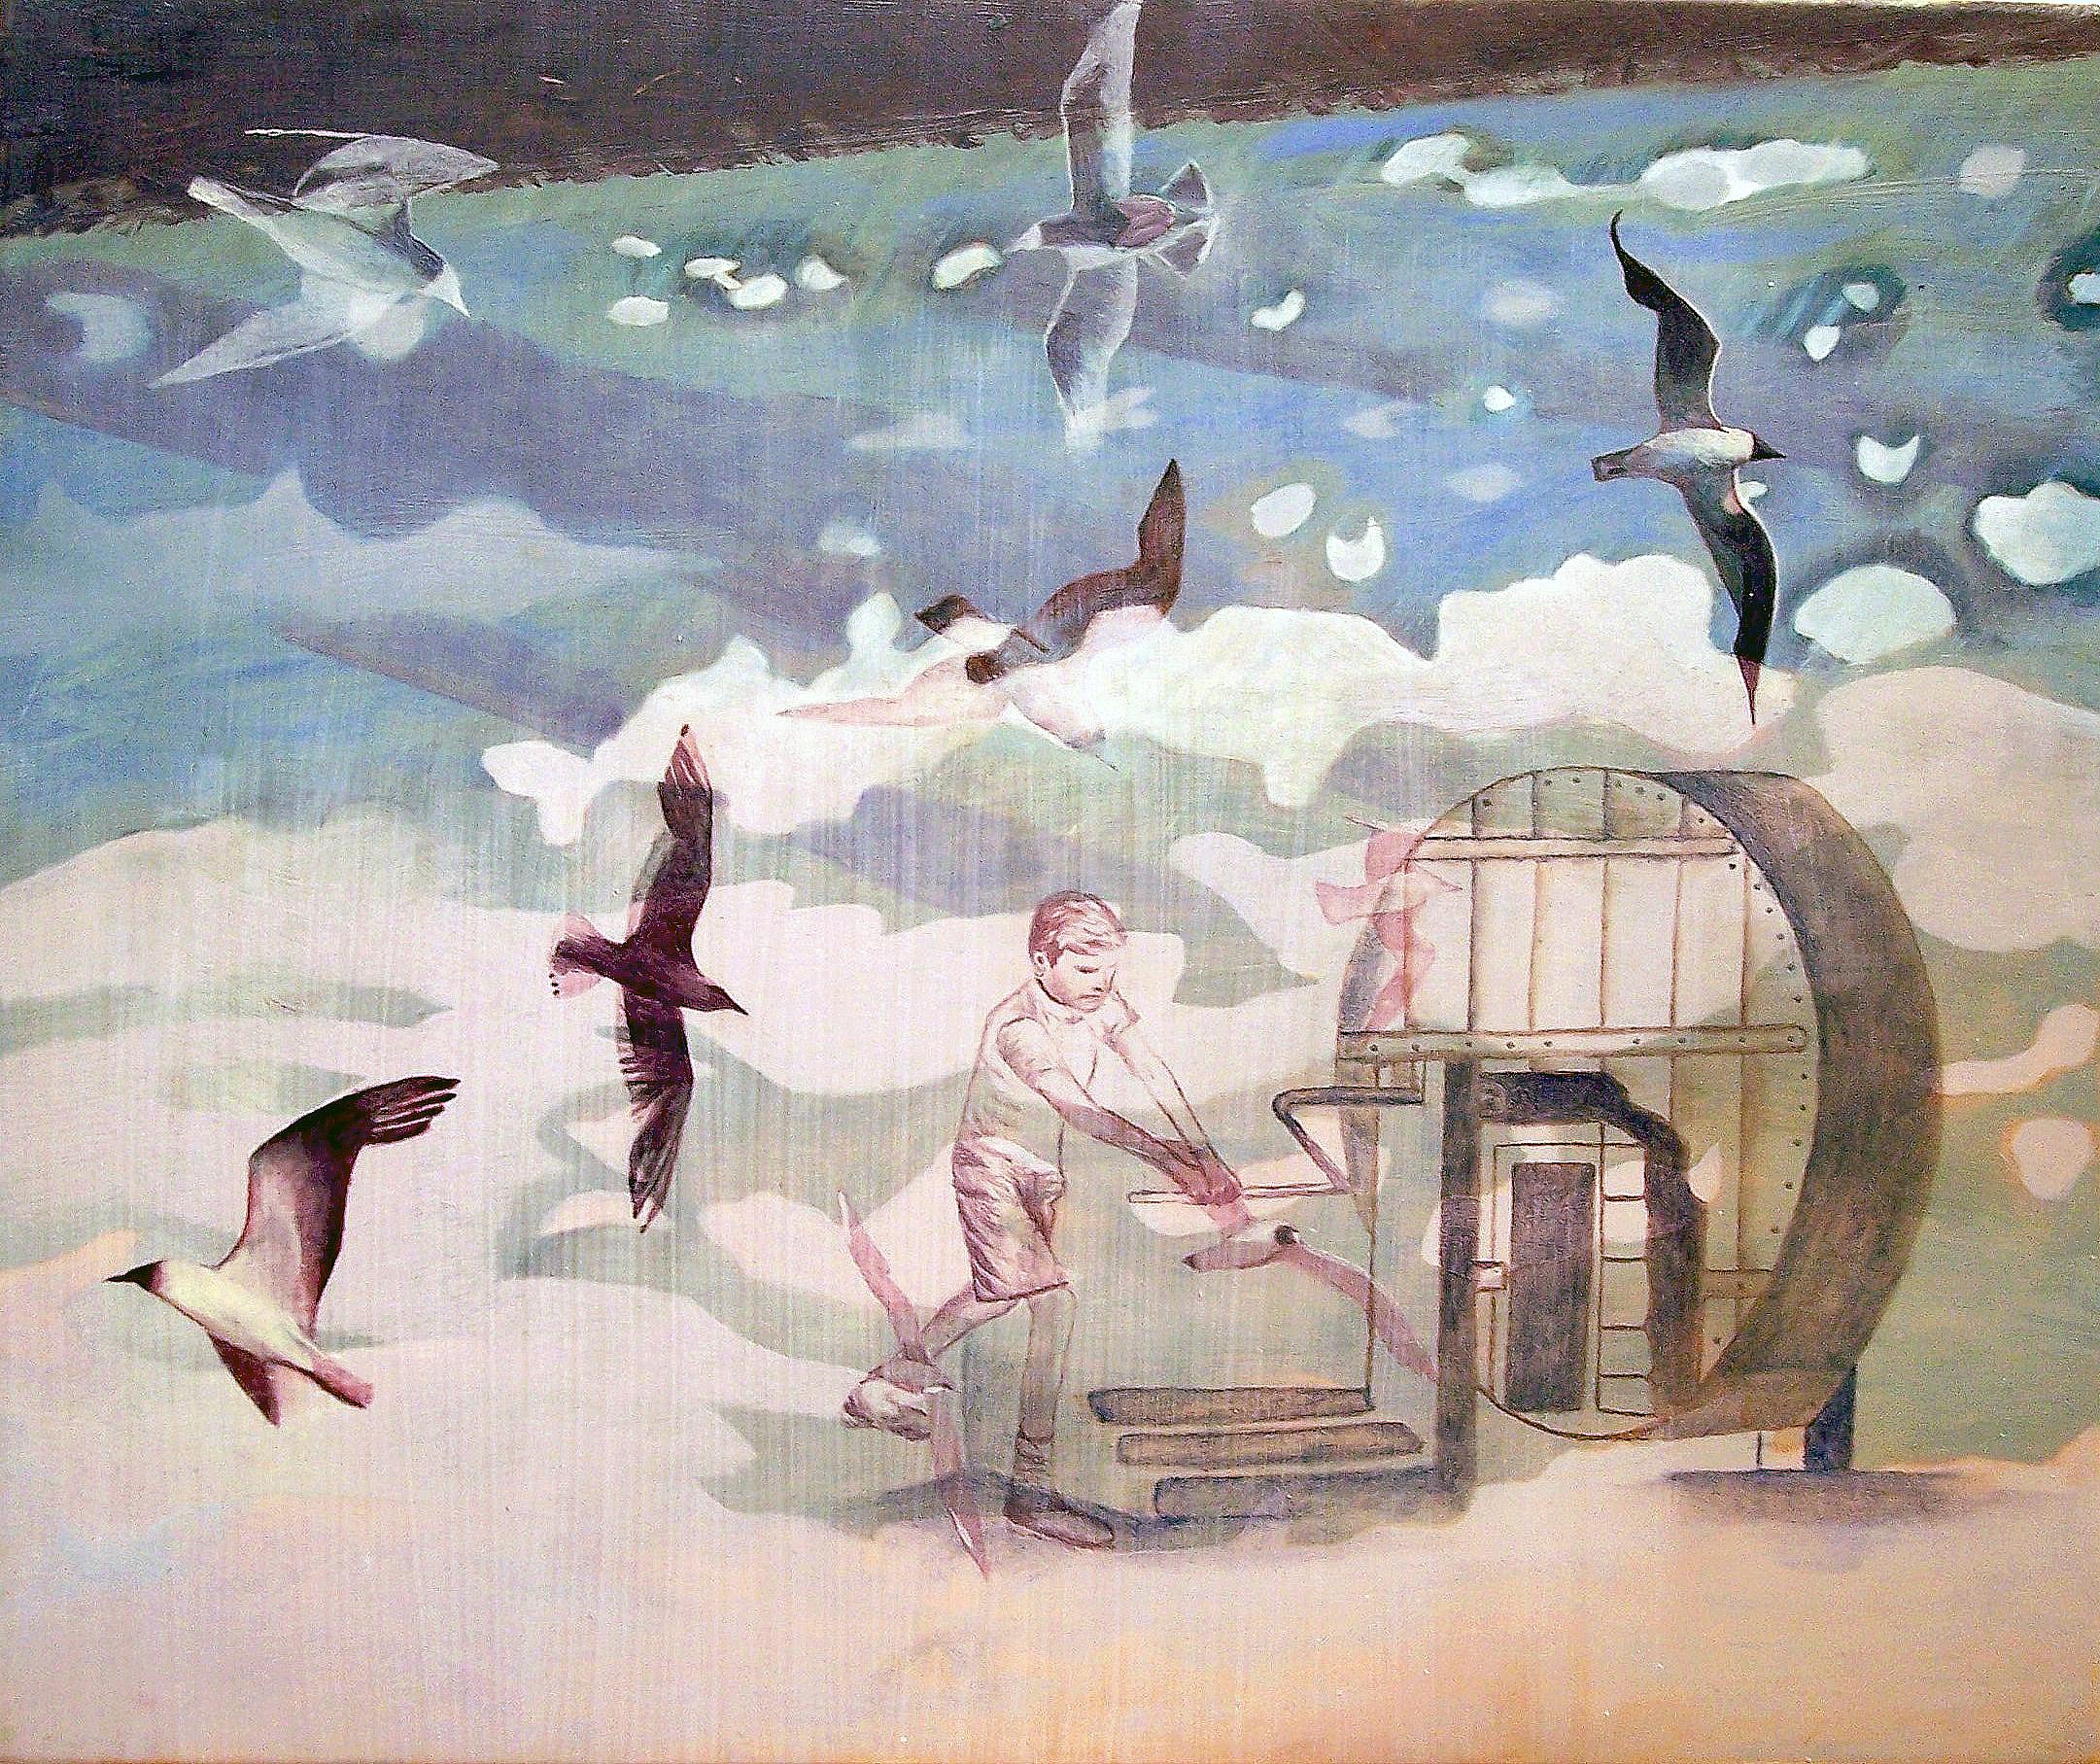 Madeleine Kelly Wheel of Reason 2006 23 x 28cm Oil on gesso board